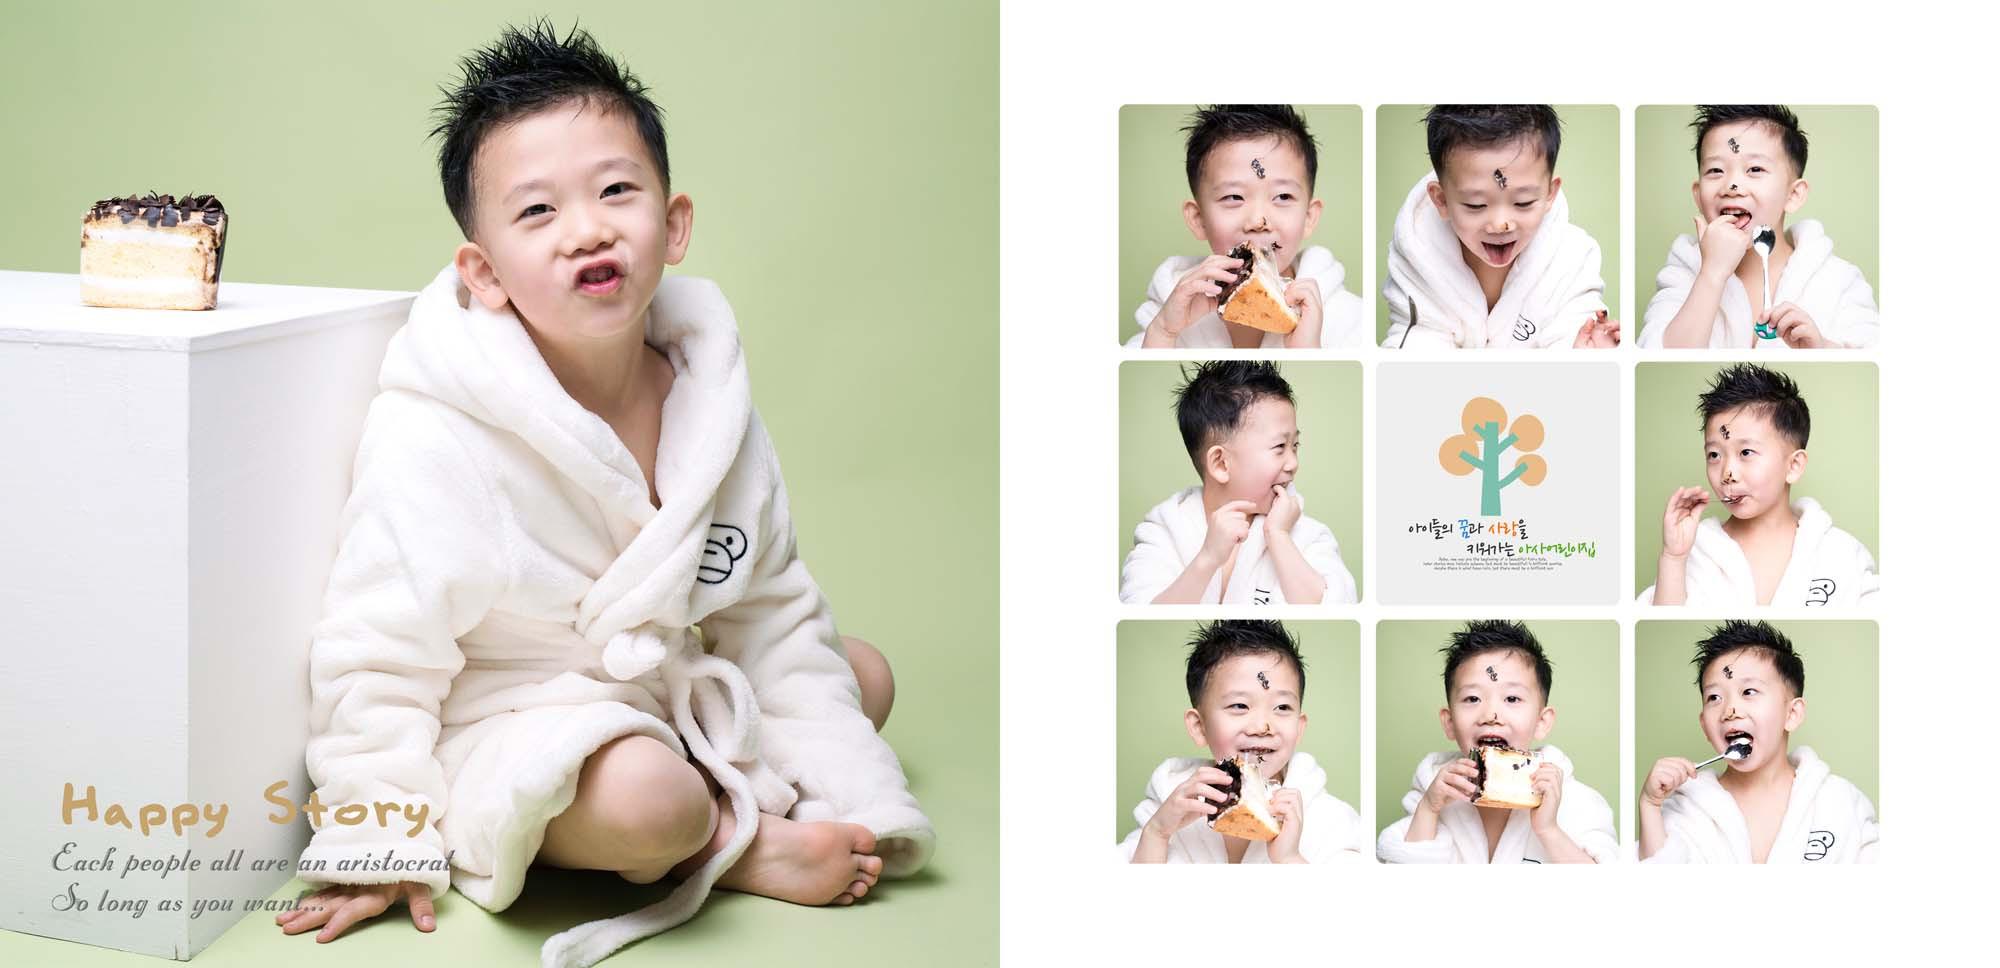 大拇指儿童摄影:一组韩系简约风的室内儿童摄影